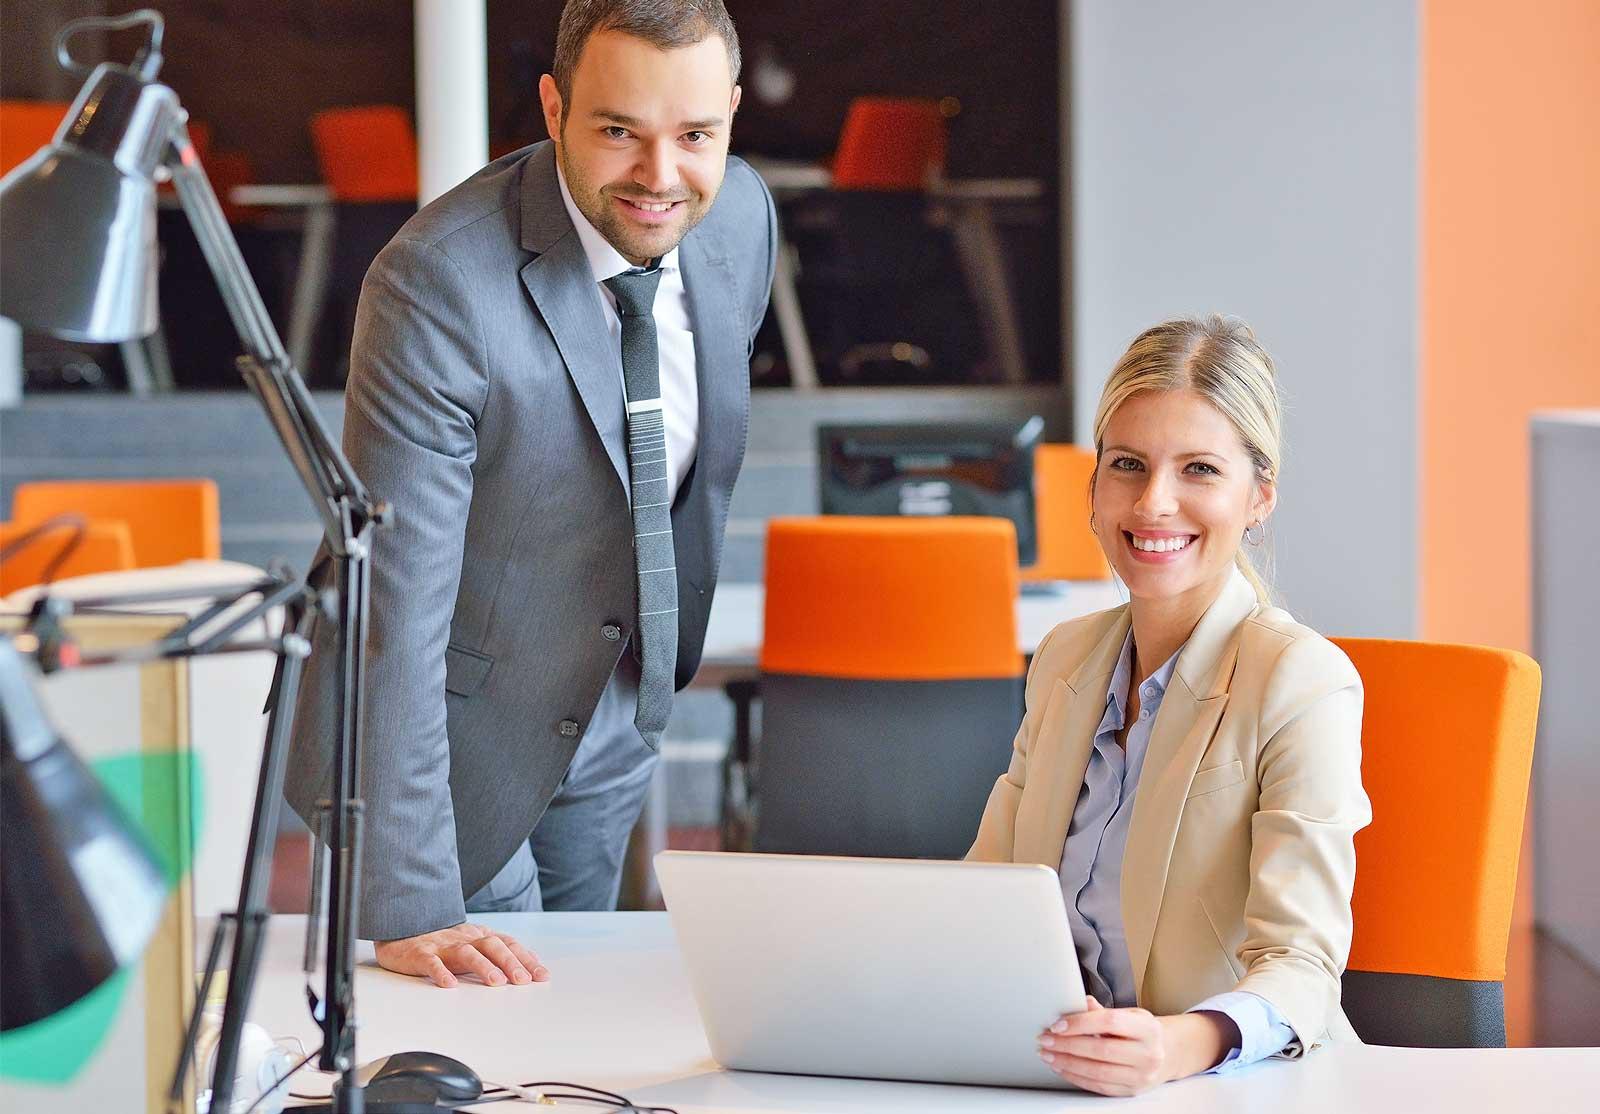 NÓS SOMOS A ZEN  EXPERIÊNCIA DIGITAL para todas as necessidades do seu negócio.